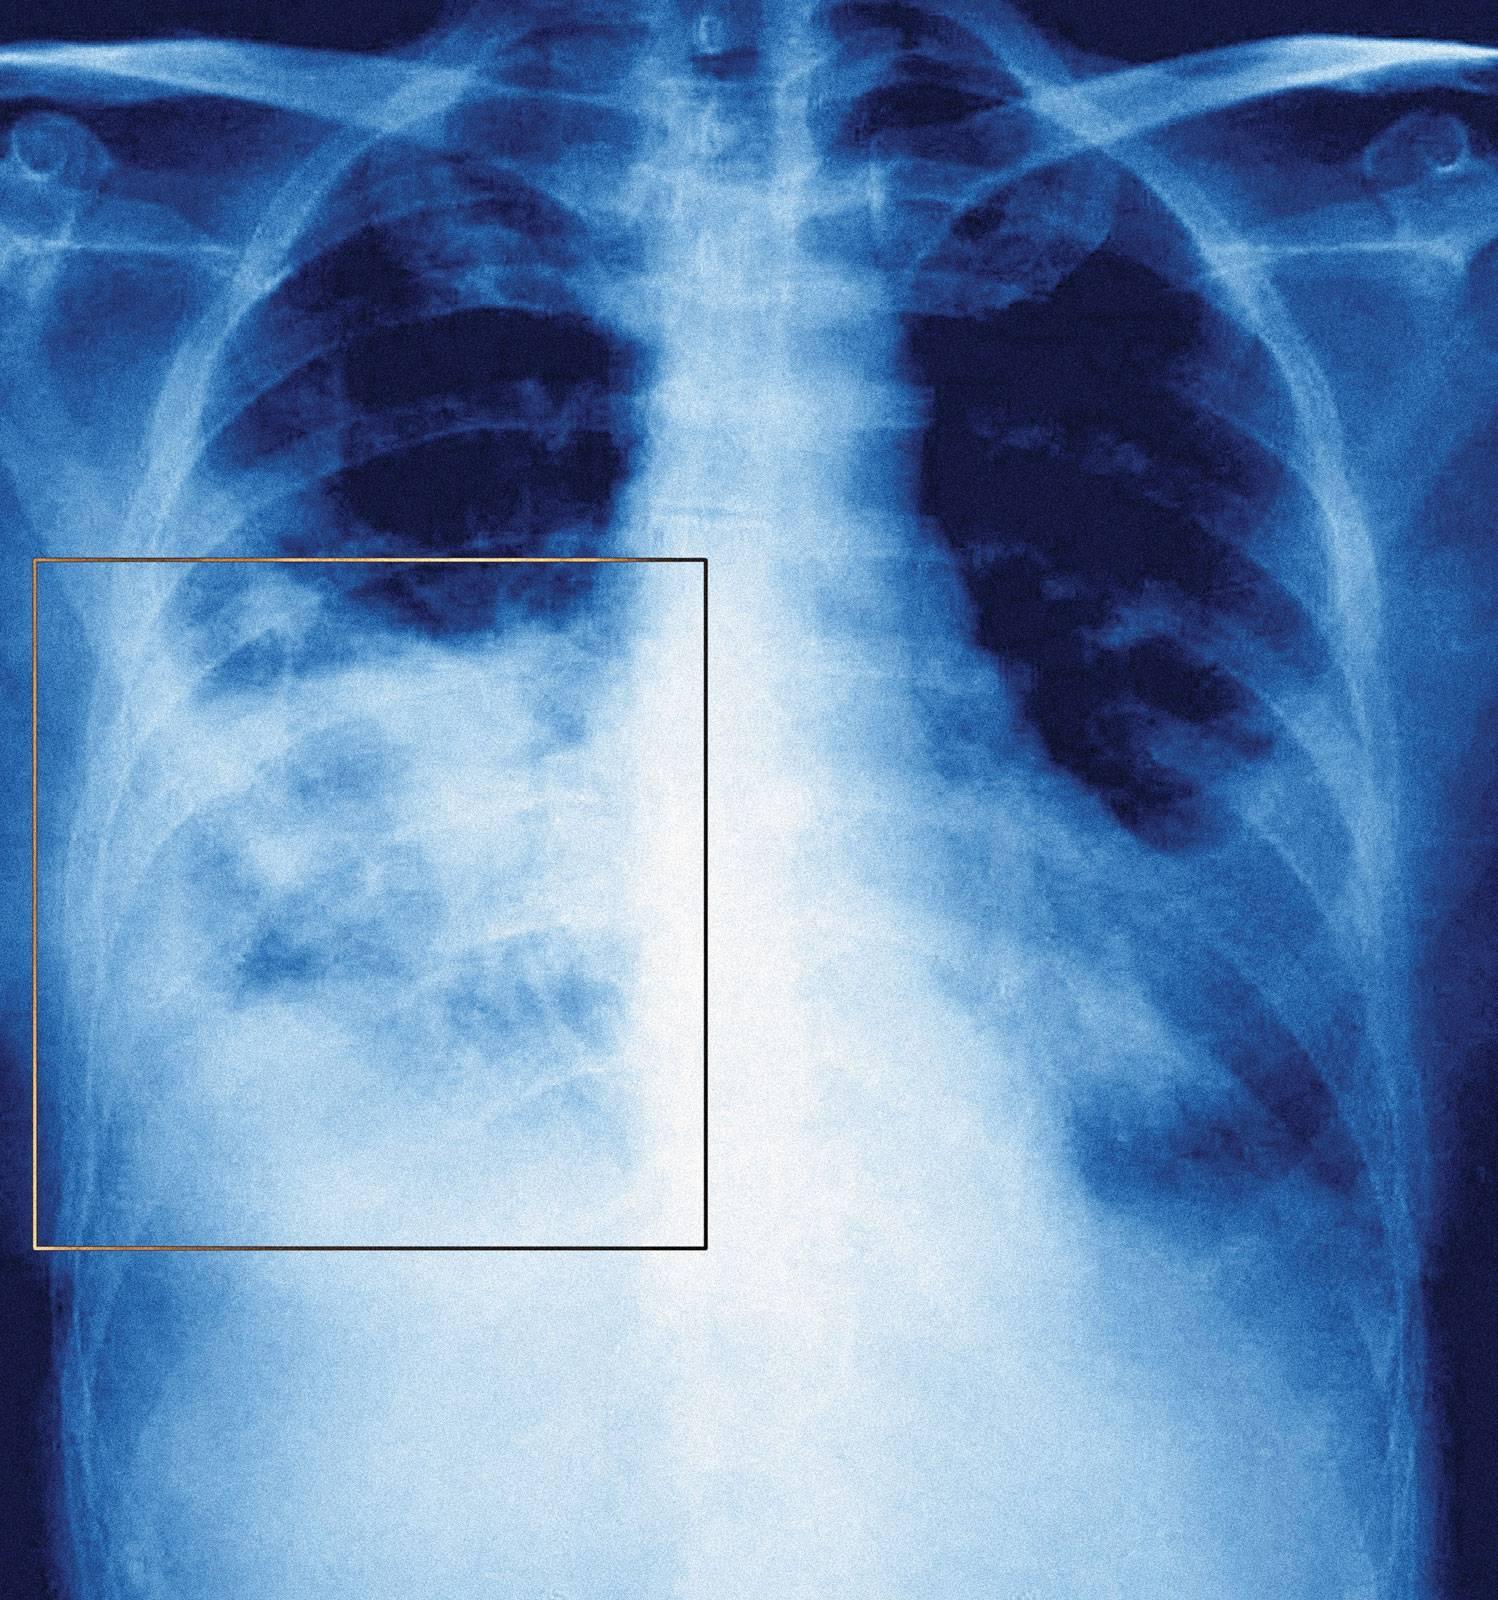 Пневмония и воспаление легких: одно и то же или различные патологии?